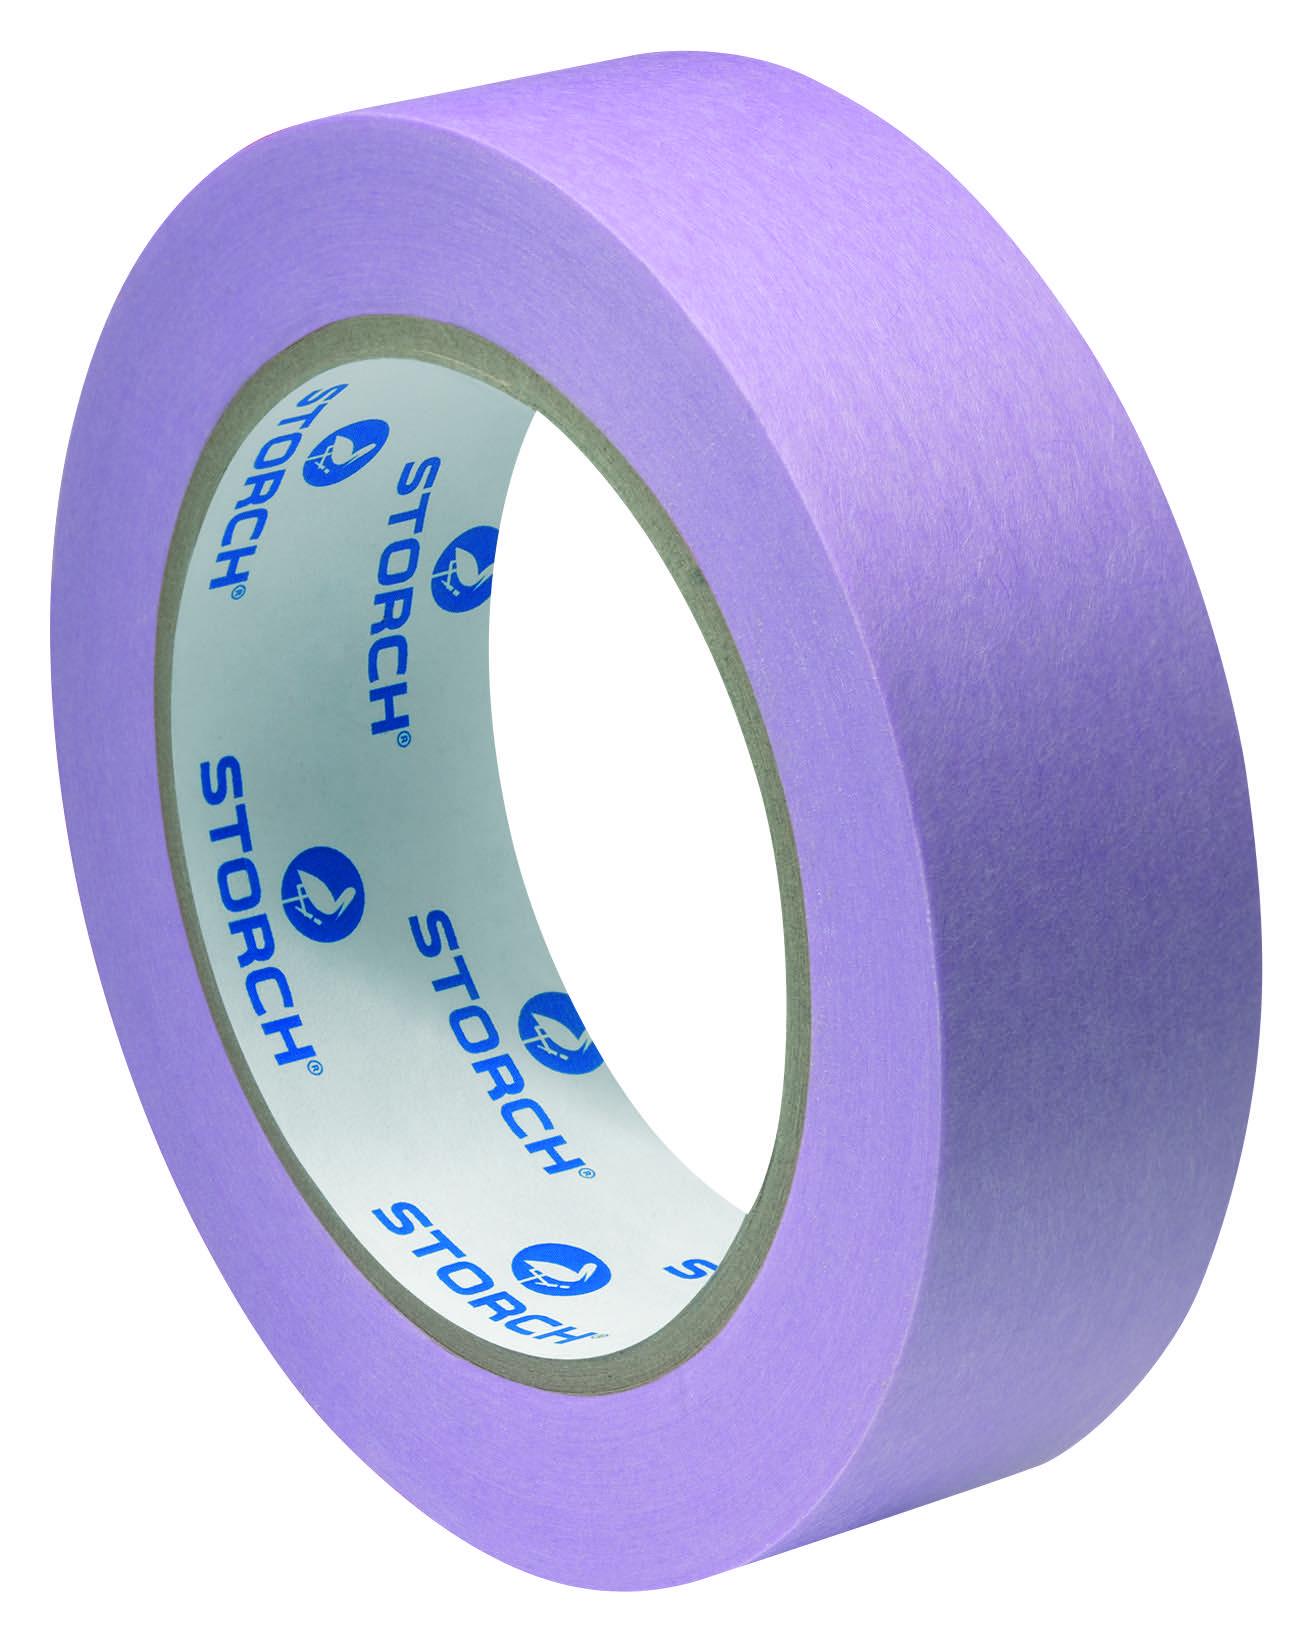 STORCH EASYpaper Das Schonende Papierklebeband für Farben und Lacke (Innen) -Spezial- 25mm / 50m